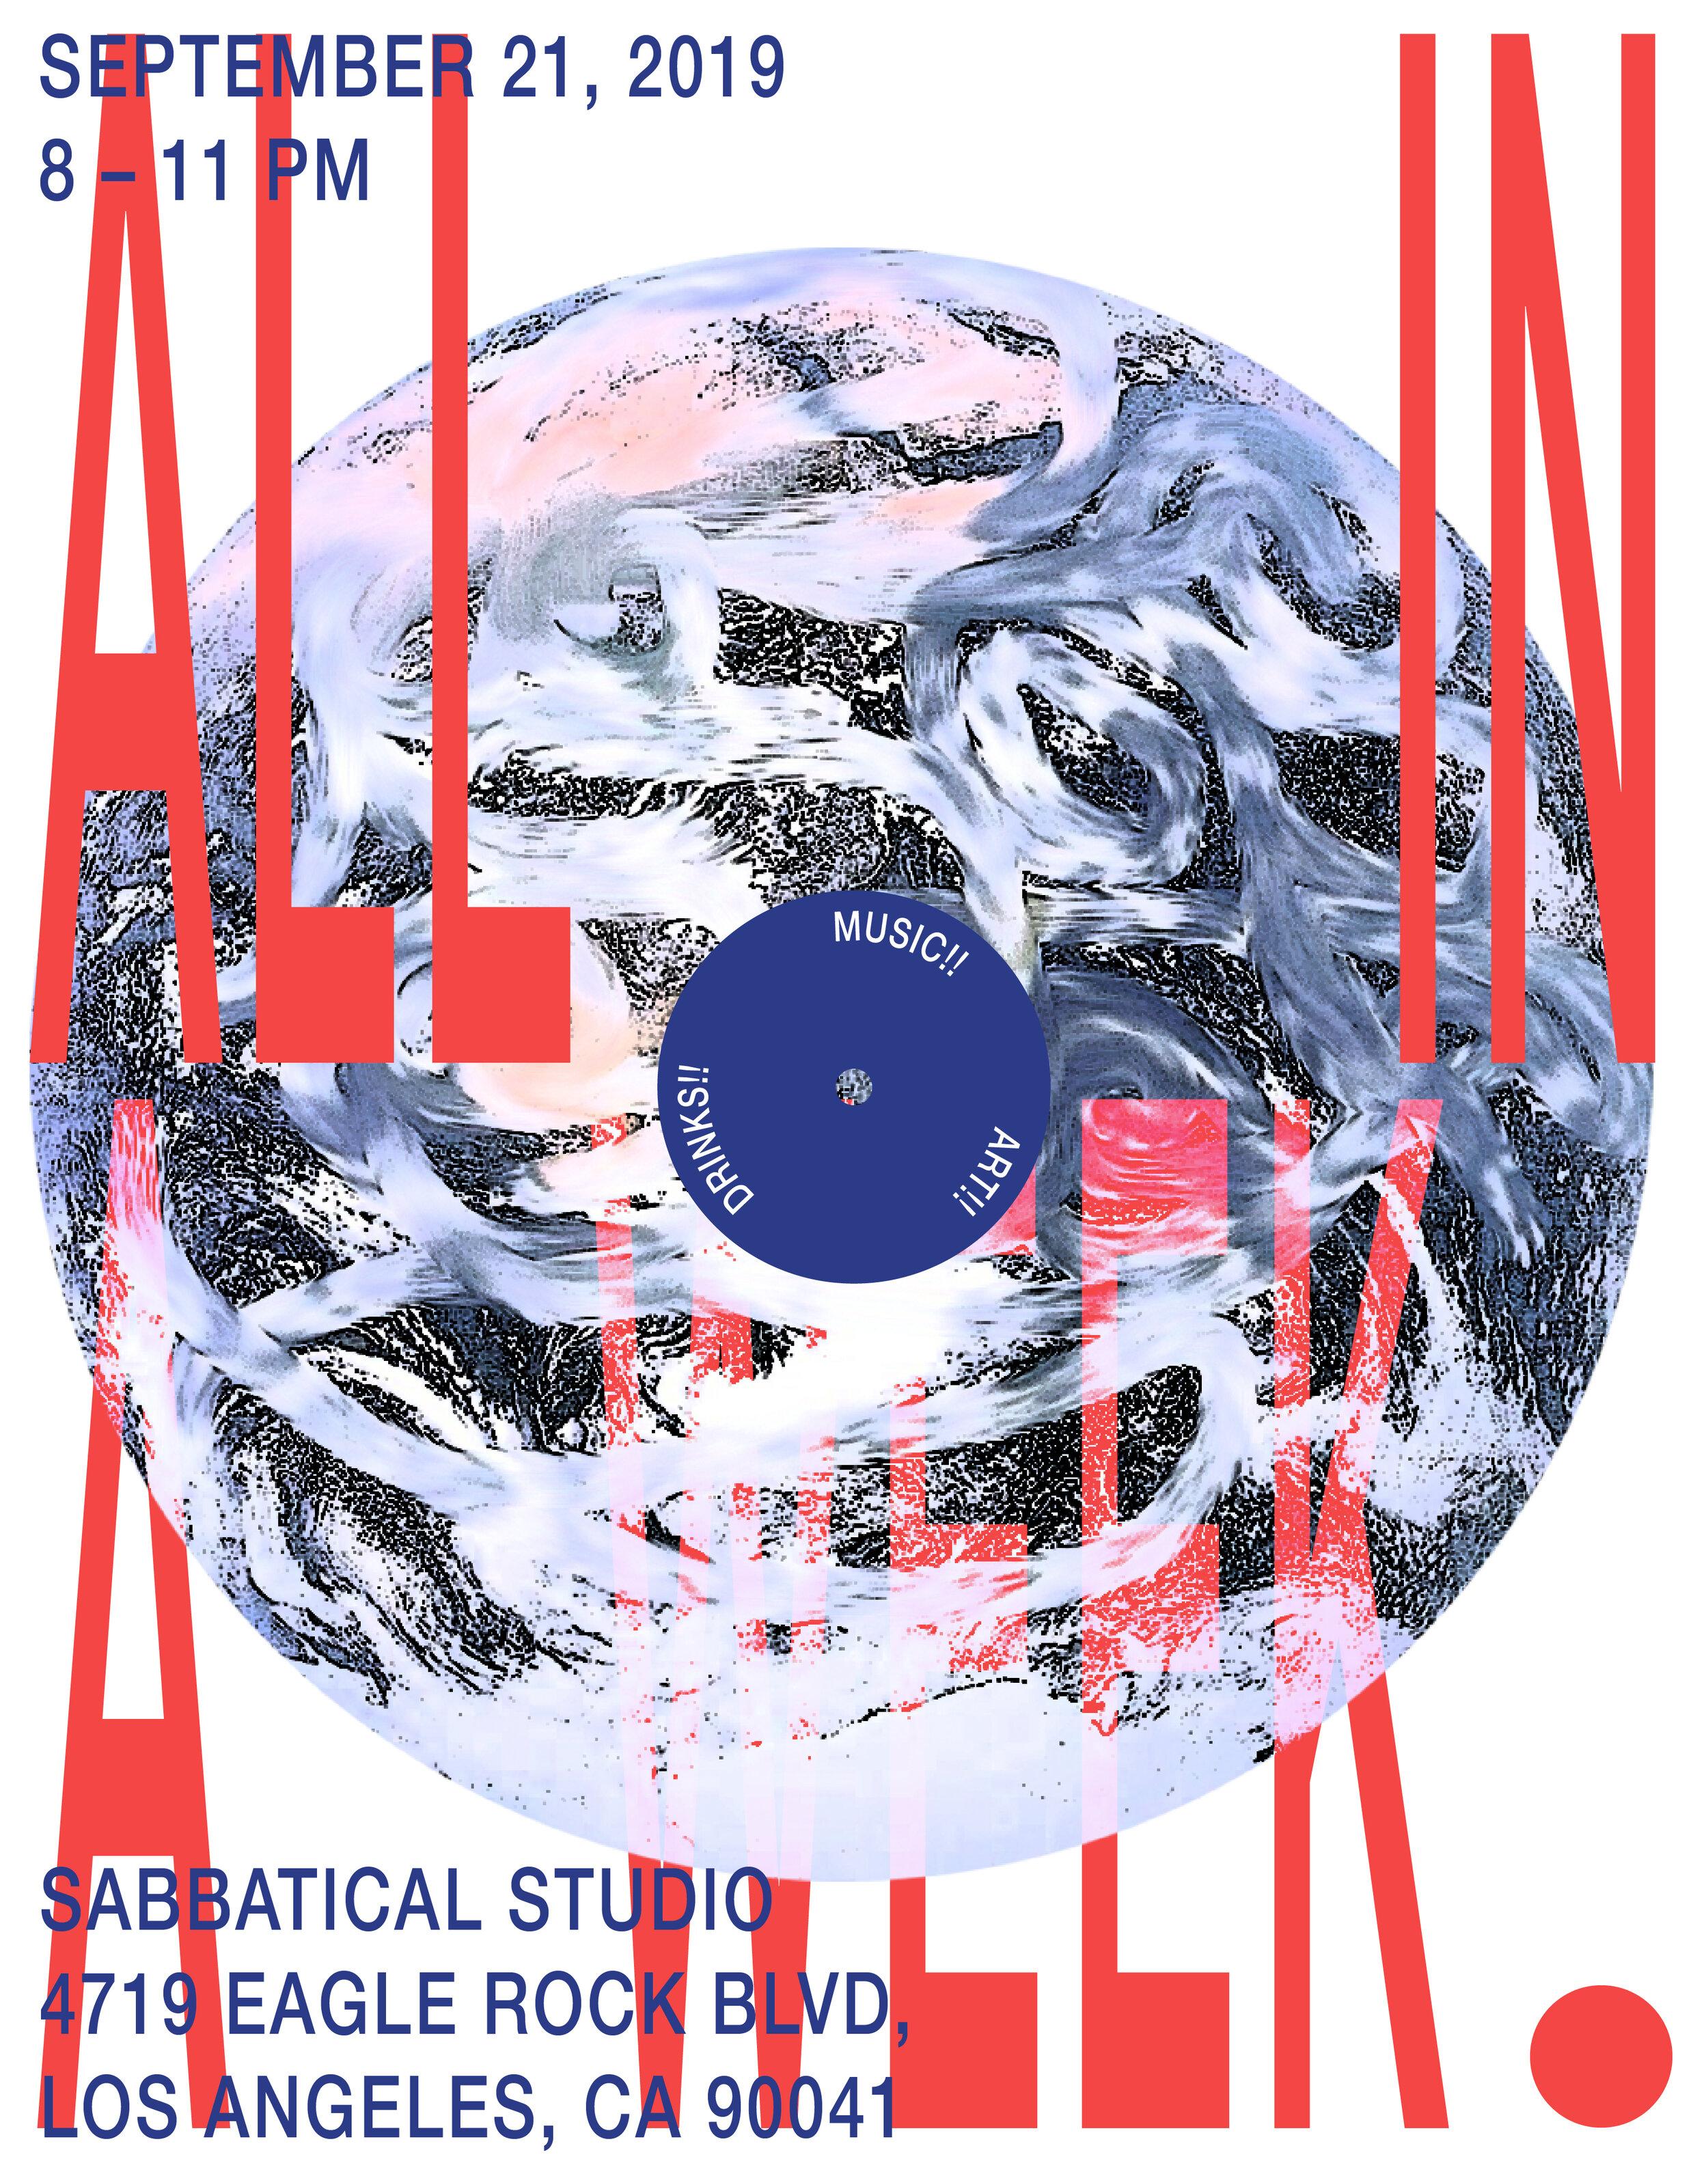 2019, poster design by Tatiana Cardenas